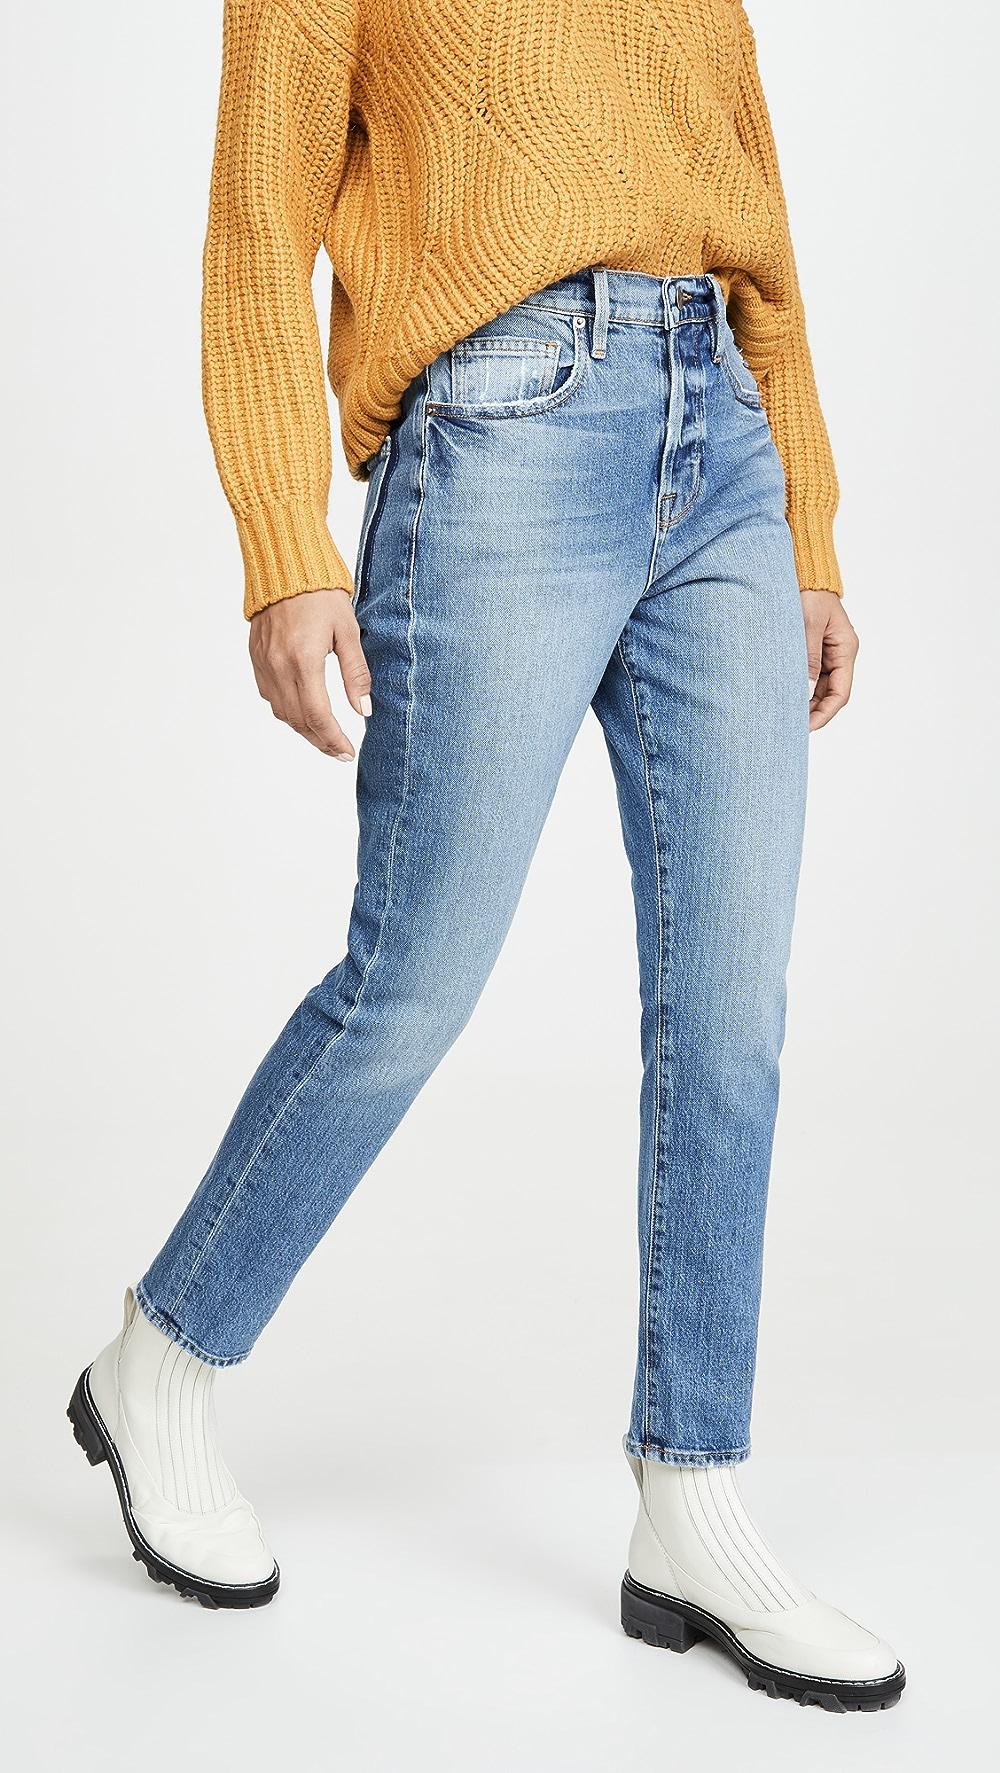 United Frame - Le Original Skinny Mix Pocket Jeans Good Taste